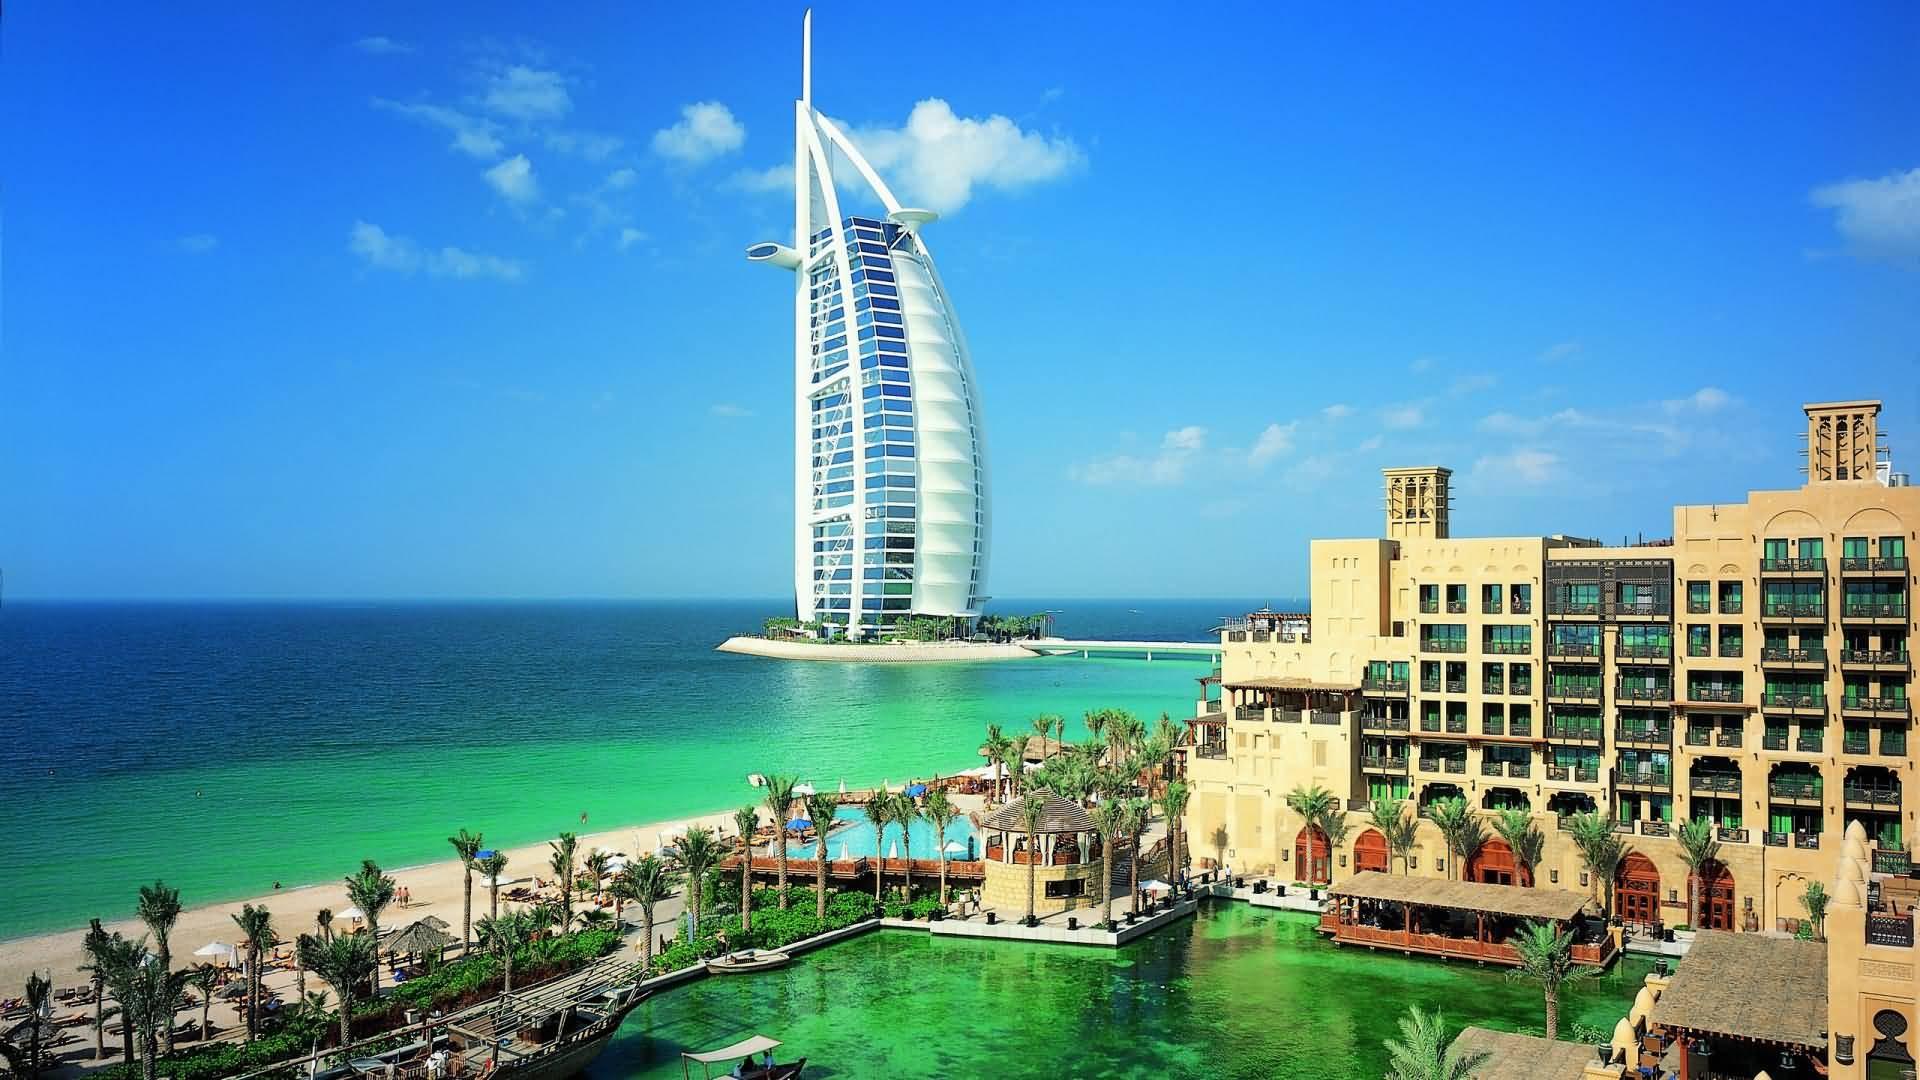 ما هي أبرز الأنشطة التي يمكن القيام بها في دبي ؟